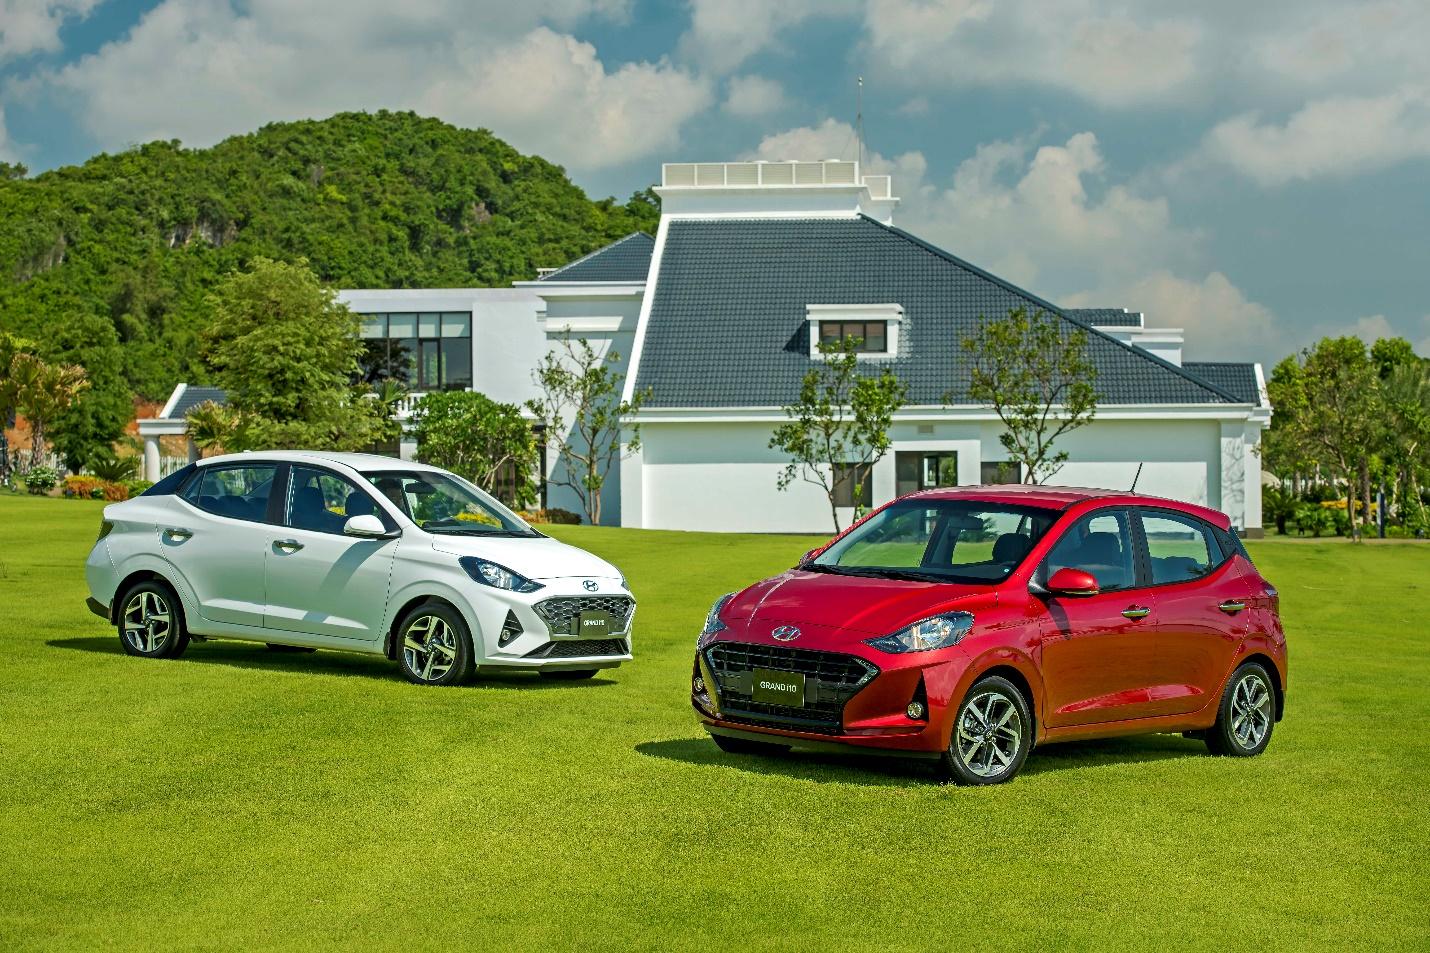 Hyundai Thành Công ra mắt Grand i10 bằng một bài rap - Ảnh 2.